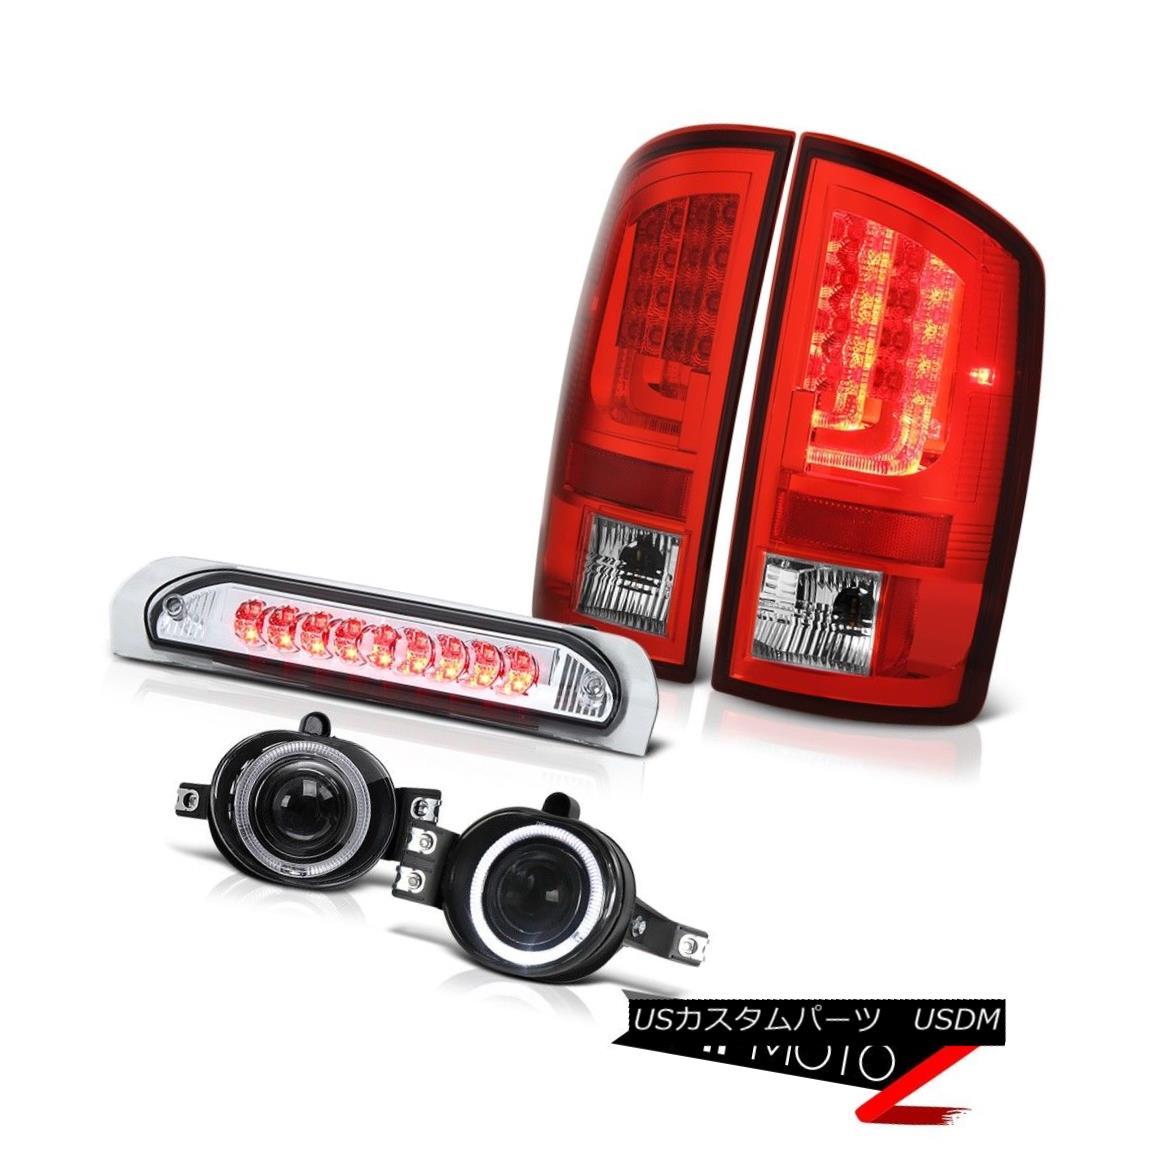 テールライト 02-06 Dodge Ram 1500 1500 4.7L Taillights Foglights Roof Cab Light Tron STyle 02-06ドッジラム1500 1500 4.7L曇り灯FoglightsルーフキャブライトTron STyle